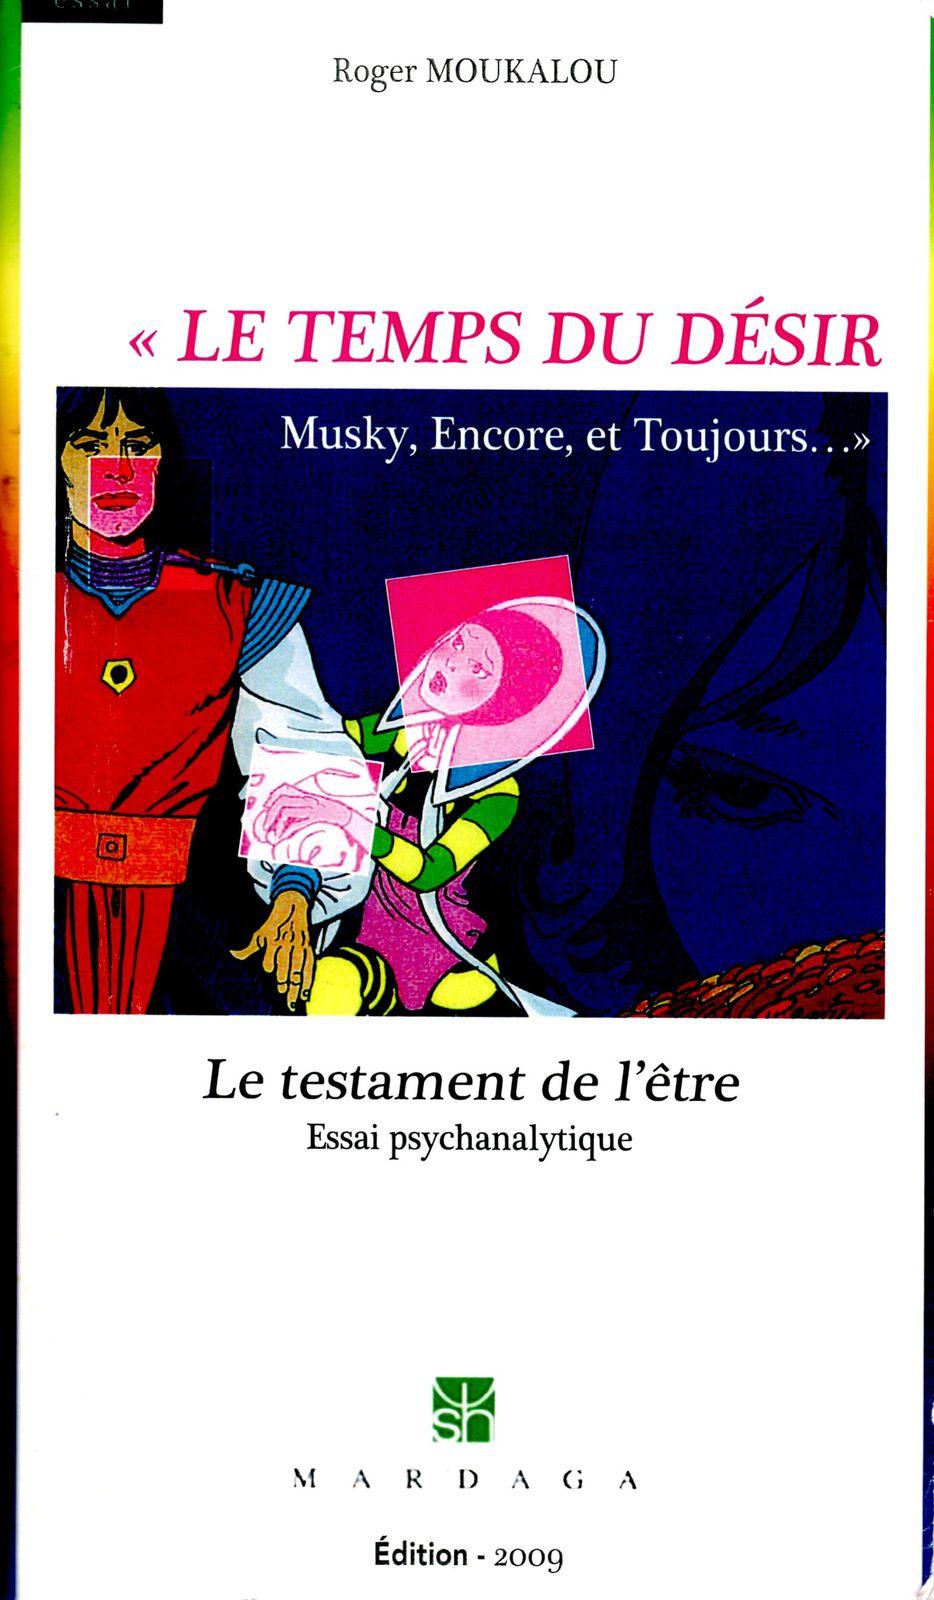 le temps du desir - musky encore et toujours - le testament de l-etre - dr roger moukalou